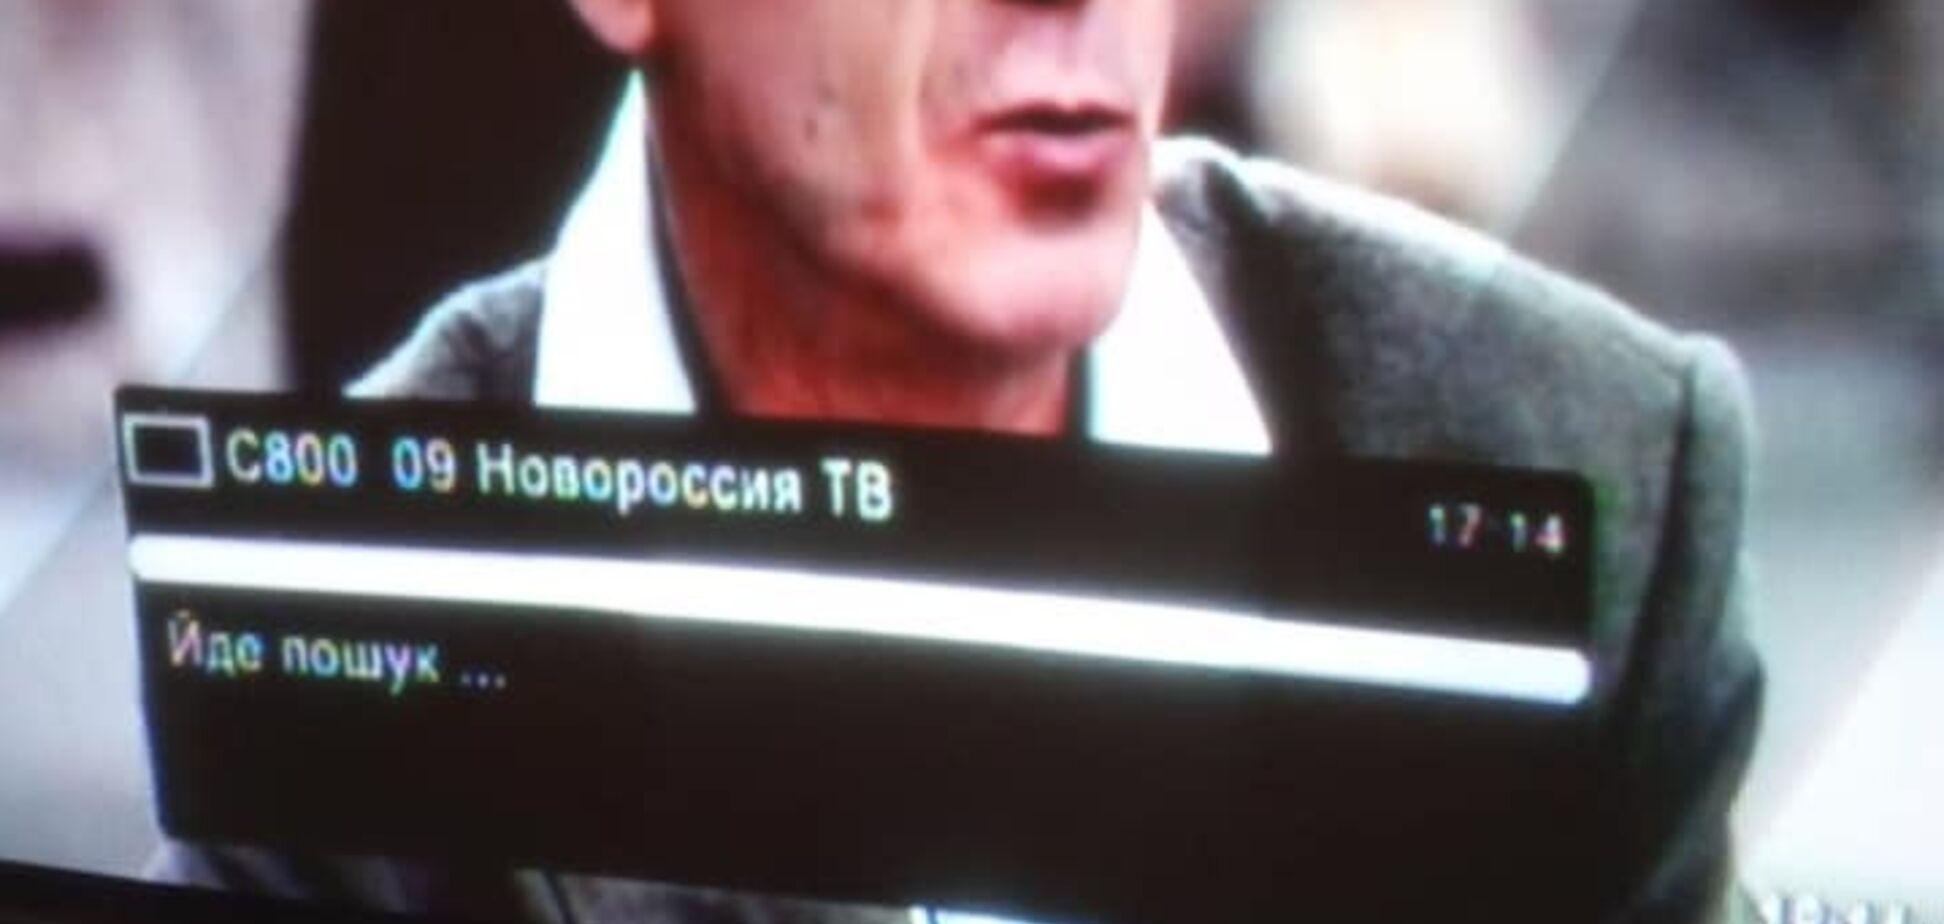 'Раша і сепар ТБ': на Дніпропетровщині спалахнув скандал через трансляцію заборонених каналів